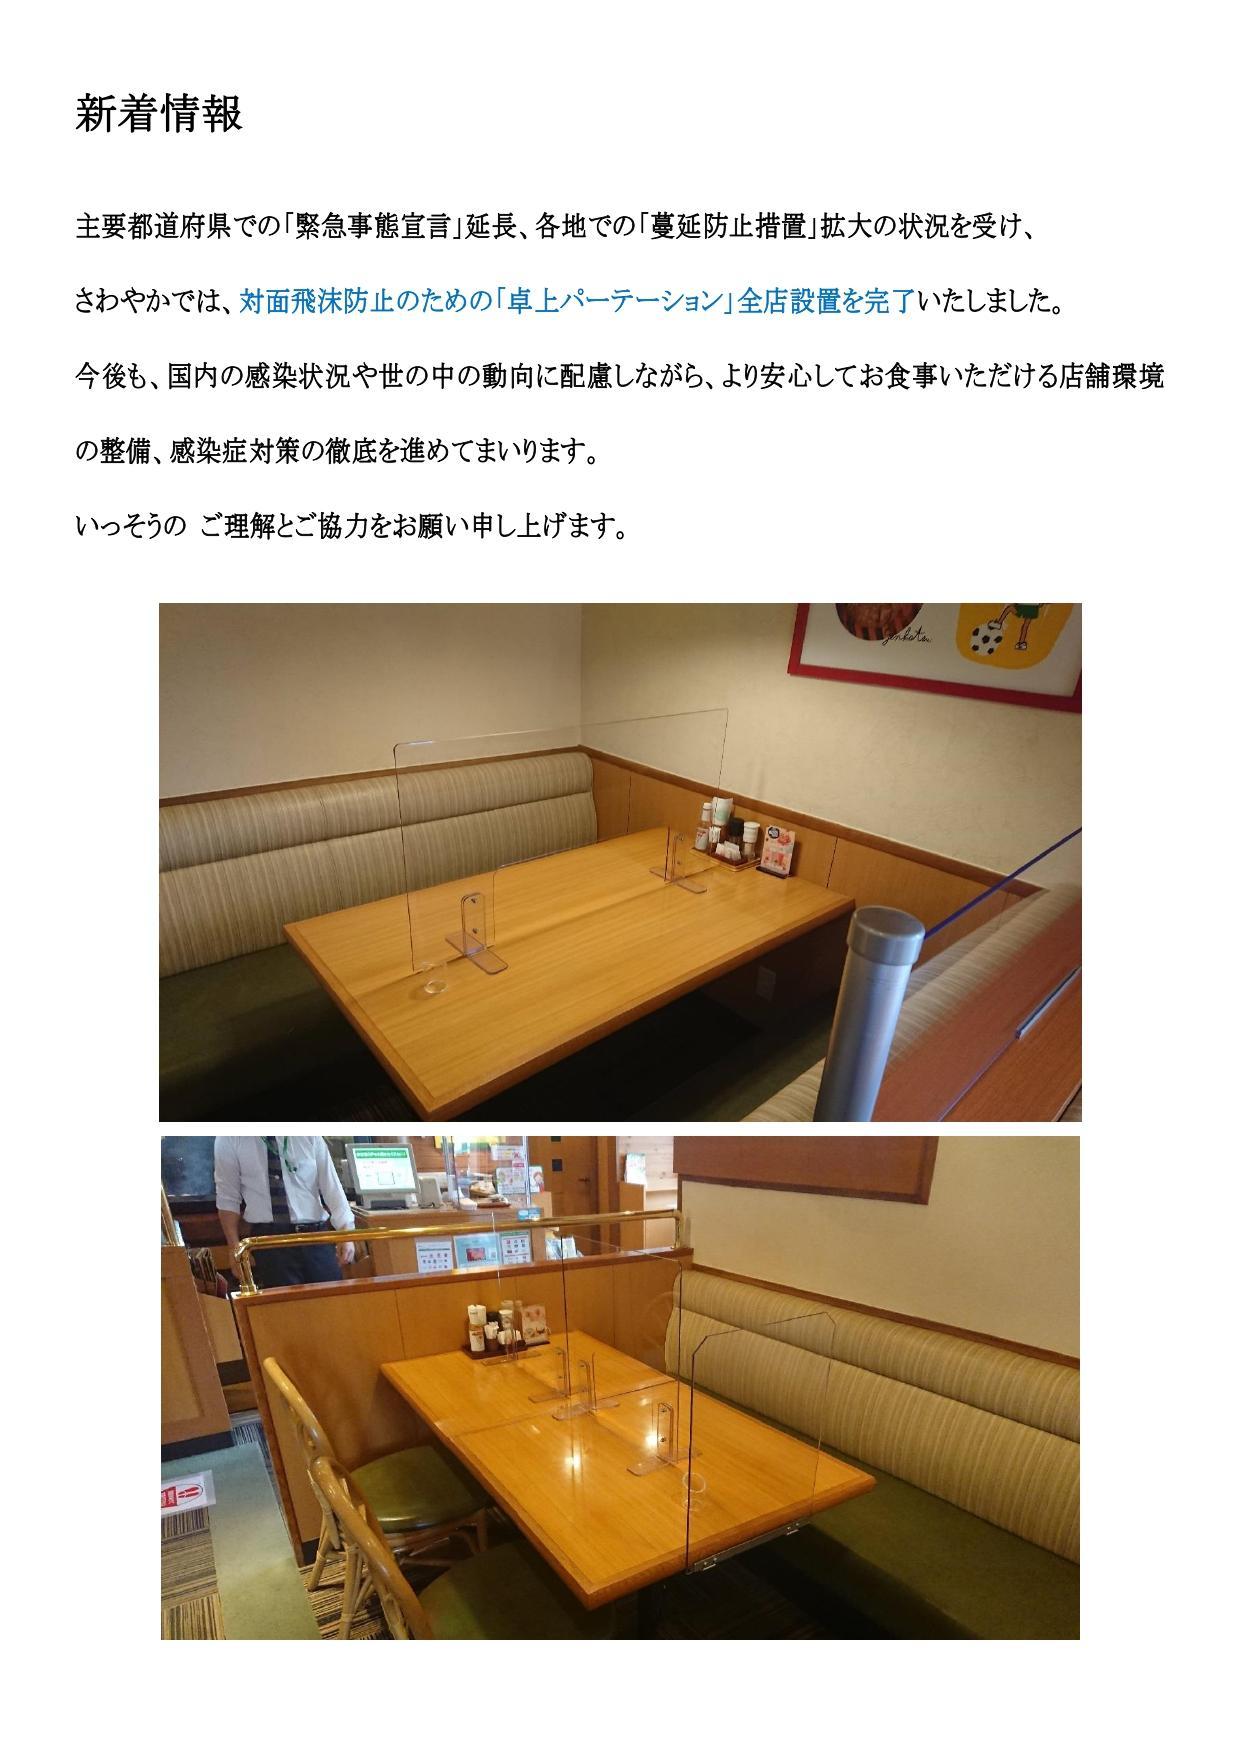 パーテーション 新着_page-0001.jpg